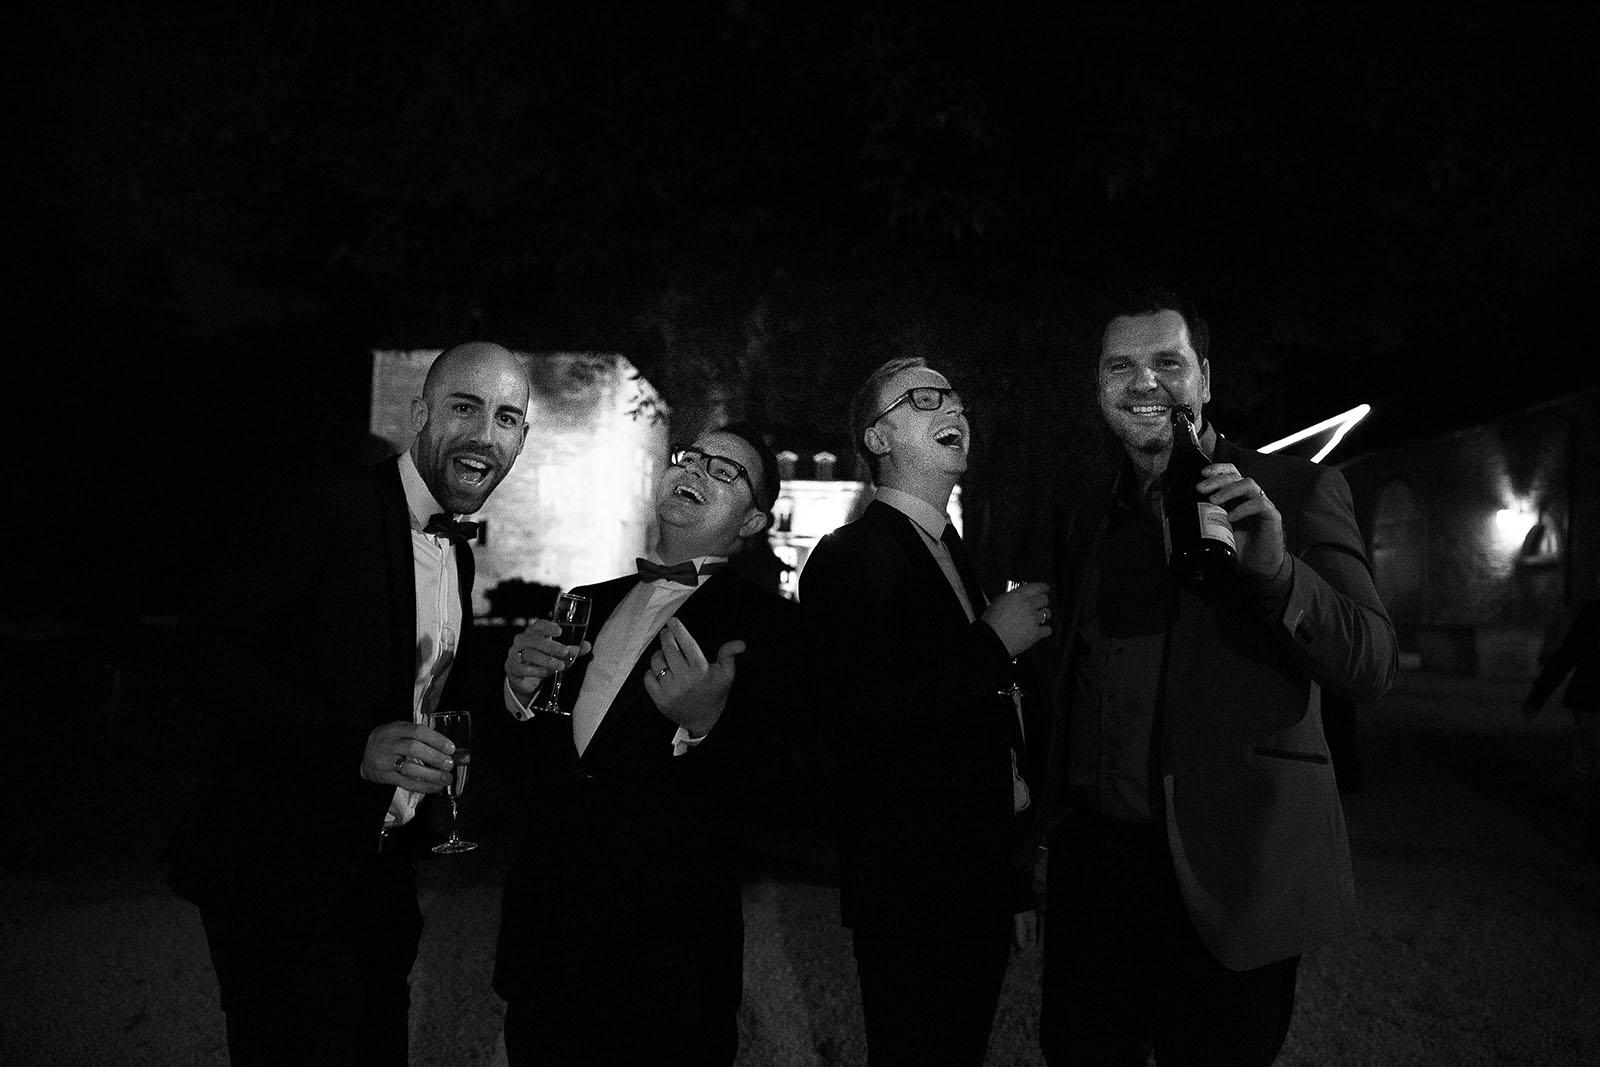 photographe de mariage en bourgogne photo du marié et des témoins créative